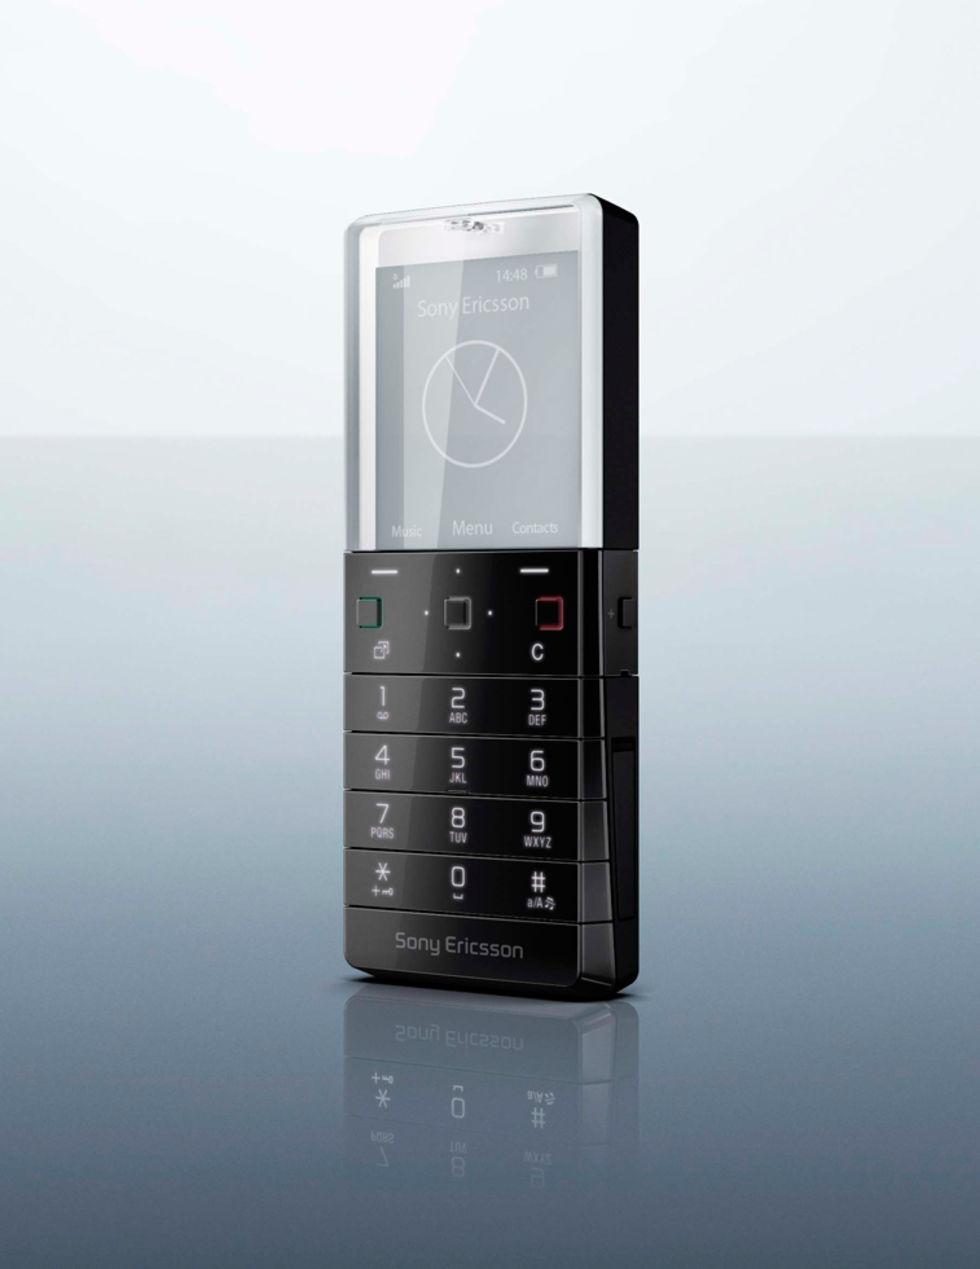 Renhet från Sony Ericsson ska ge frihet från teknologi